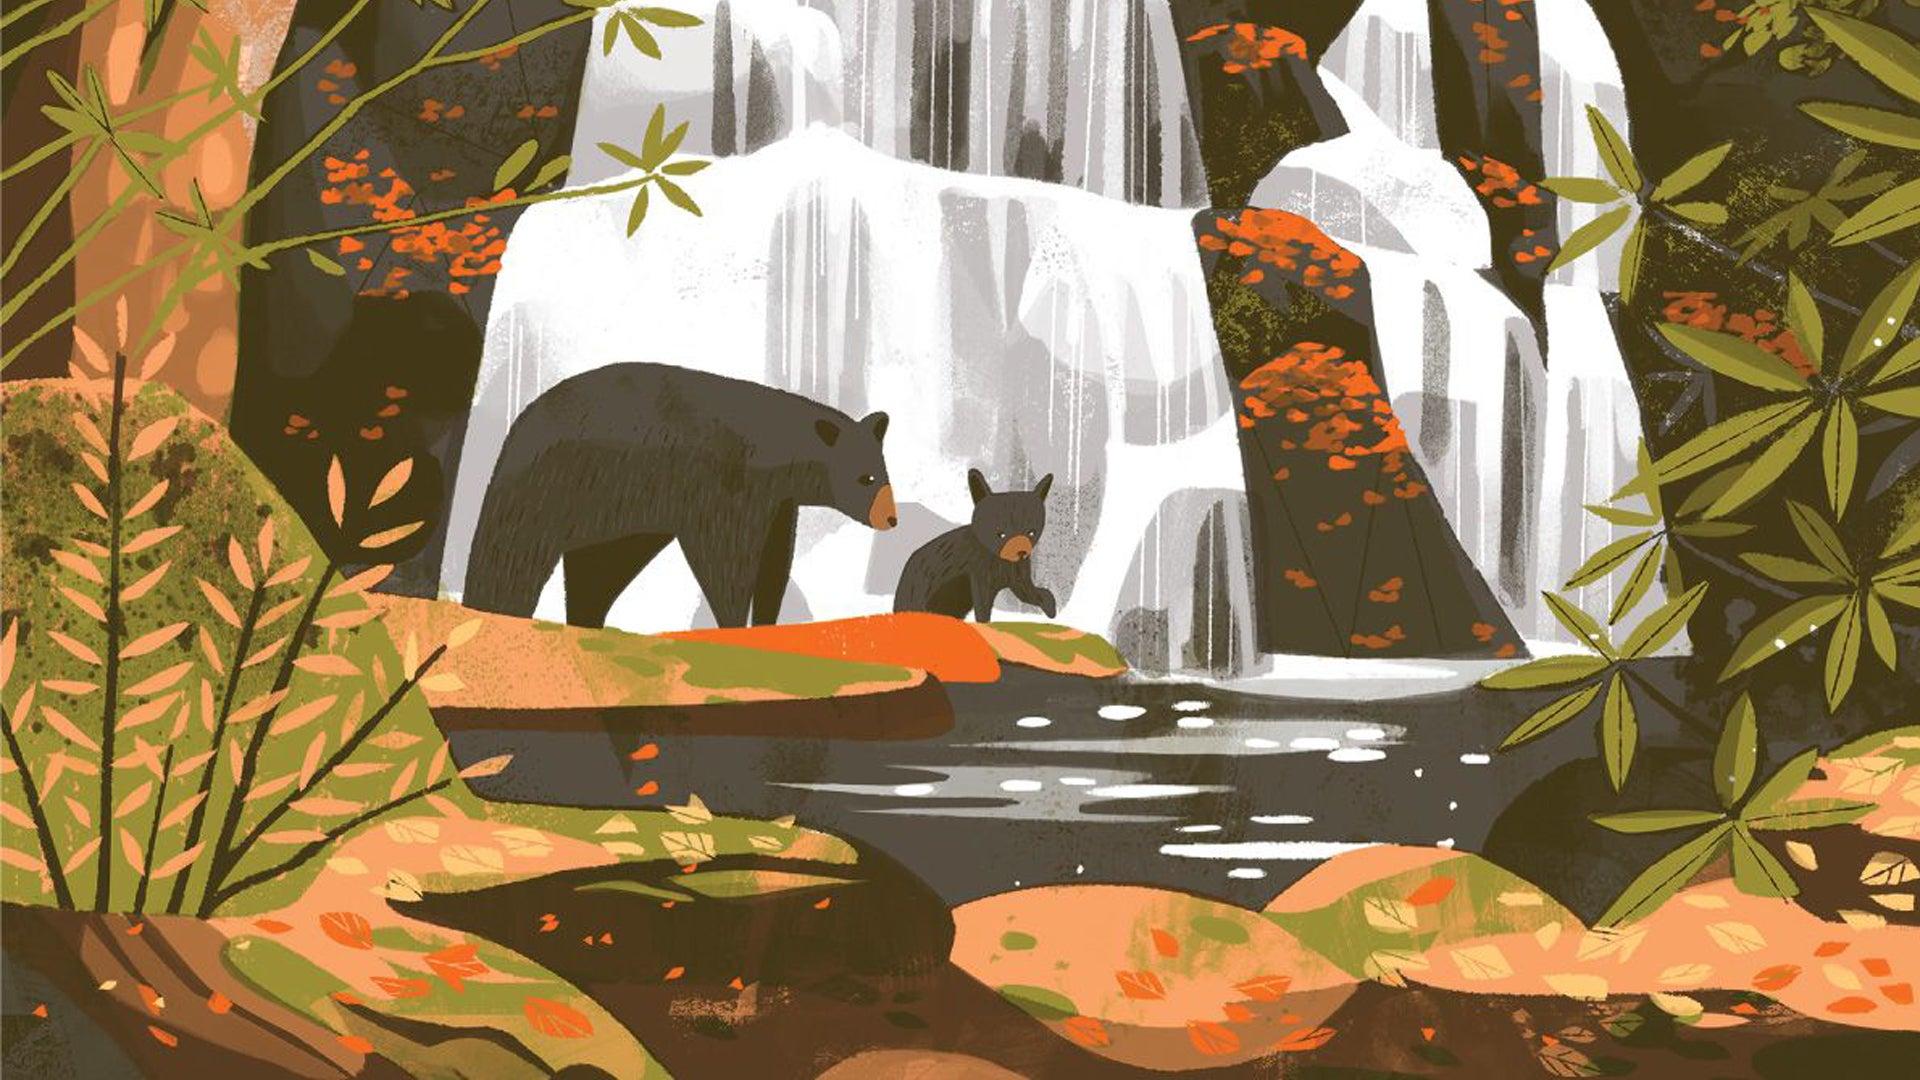 Parks board game artwork